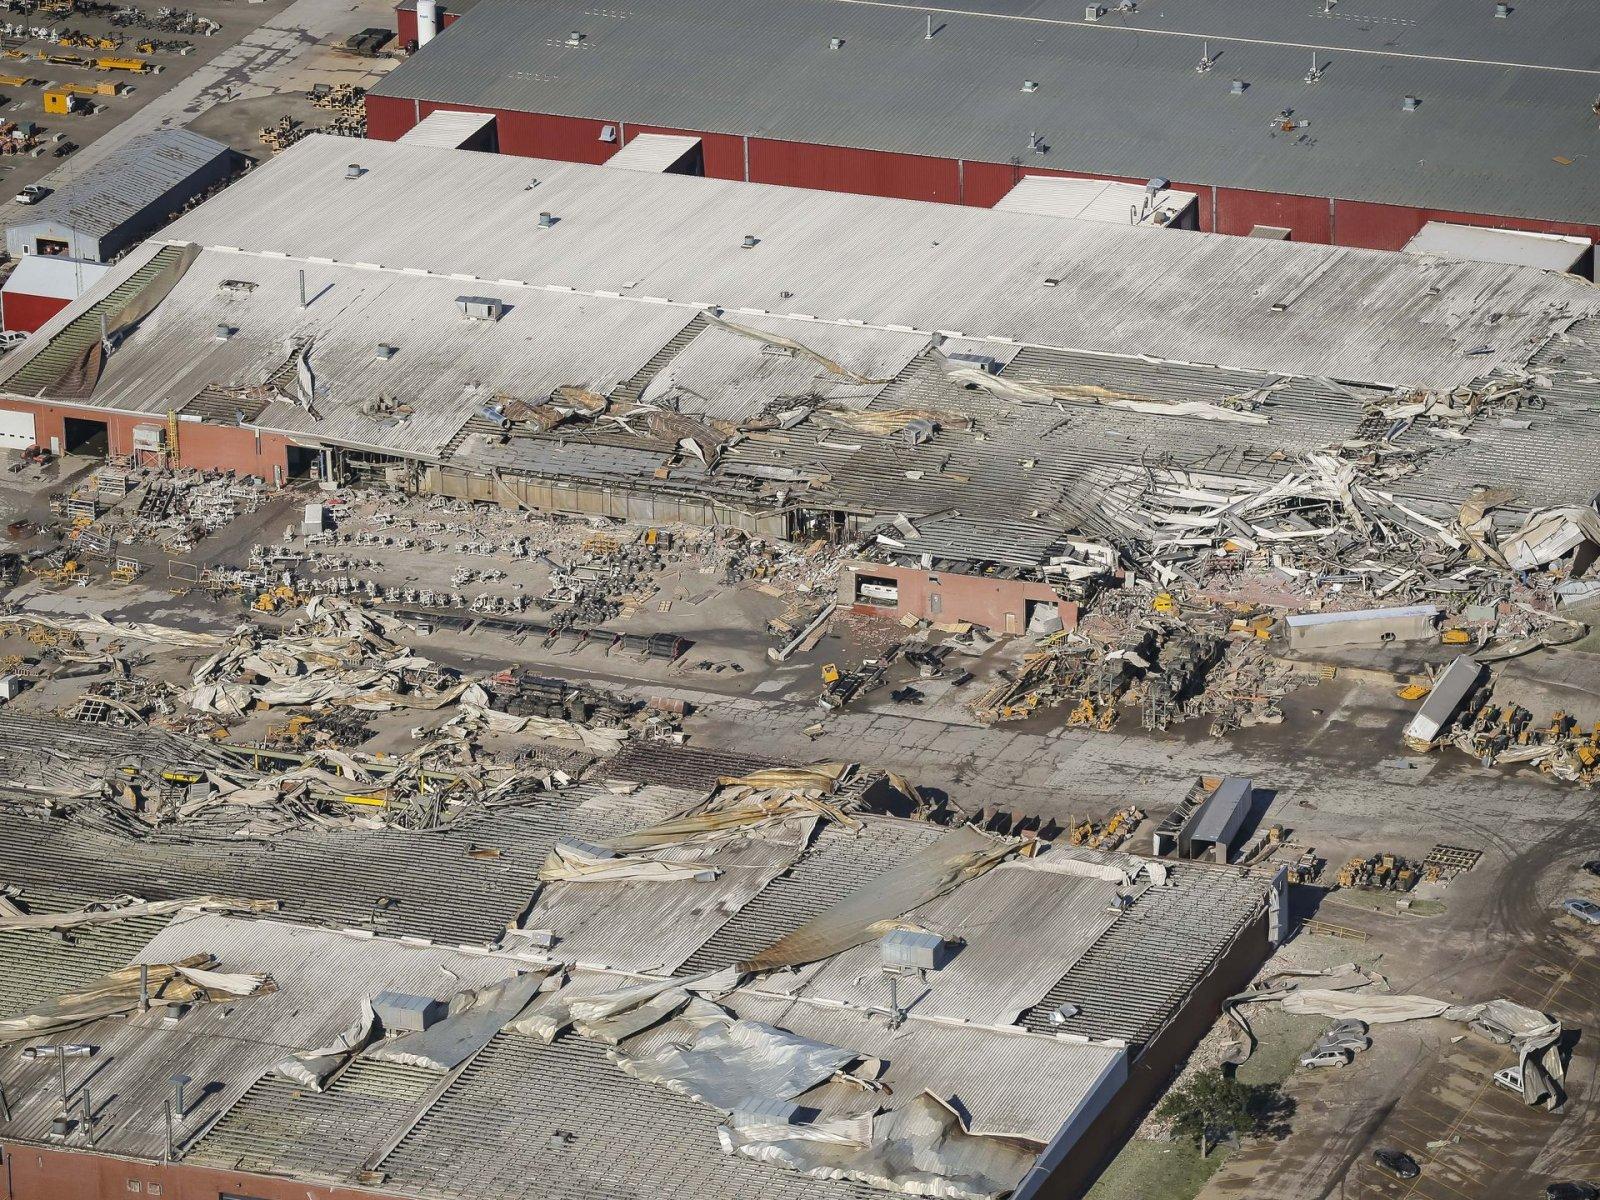 636676254048763717-0719-Pella-vermeer-tornado-damage-01068.jpg